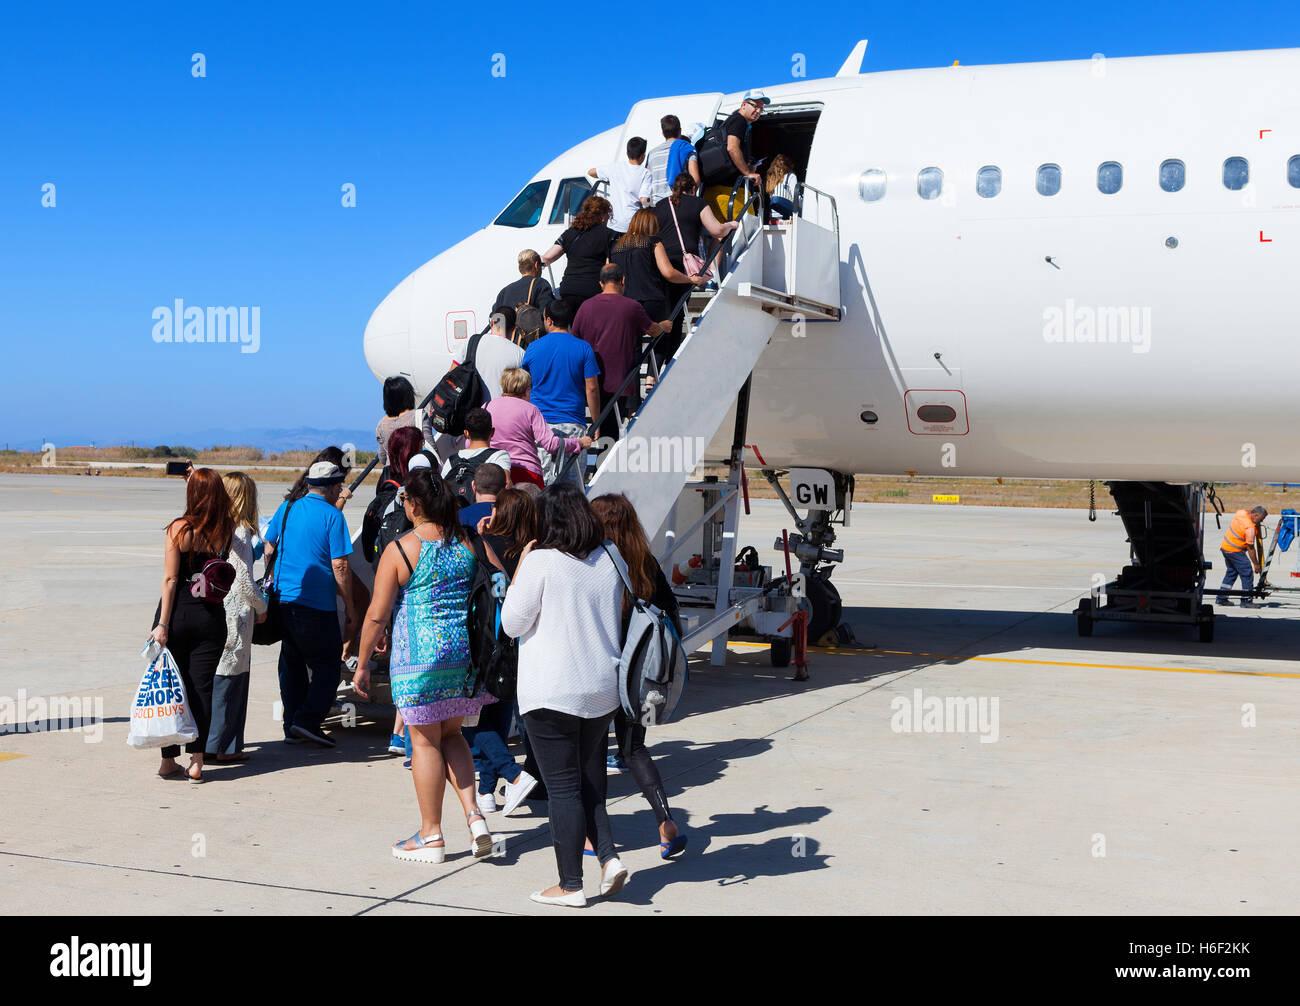 Fluggästen eine kommerzielle Düsenflugzeug am internationalen Flughafen Rhodos Diagoras. Stockbild